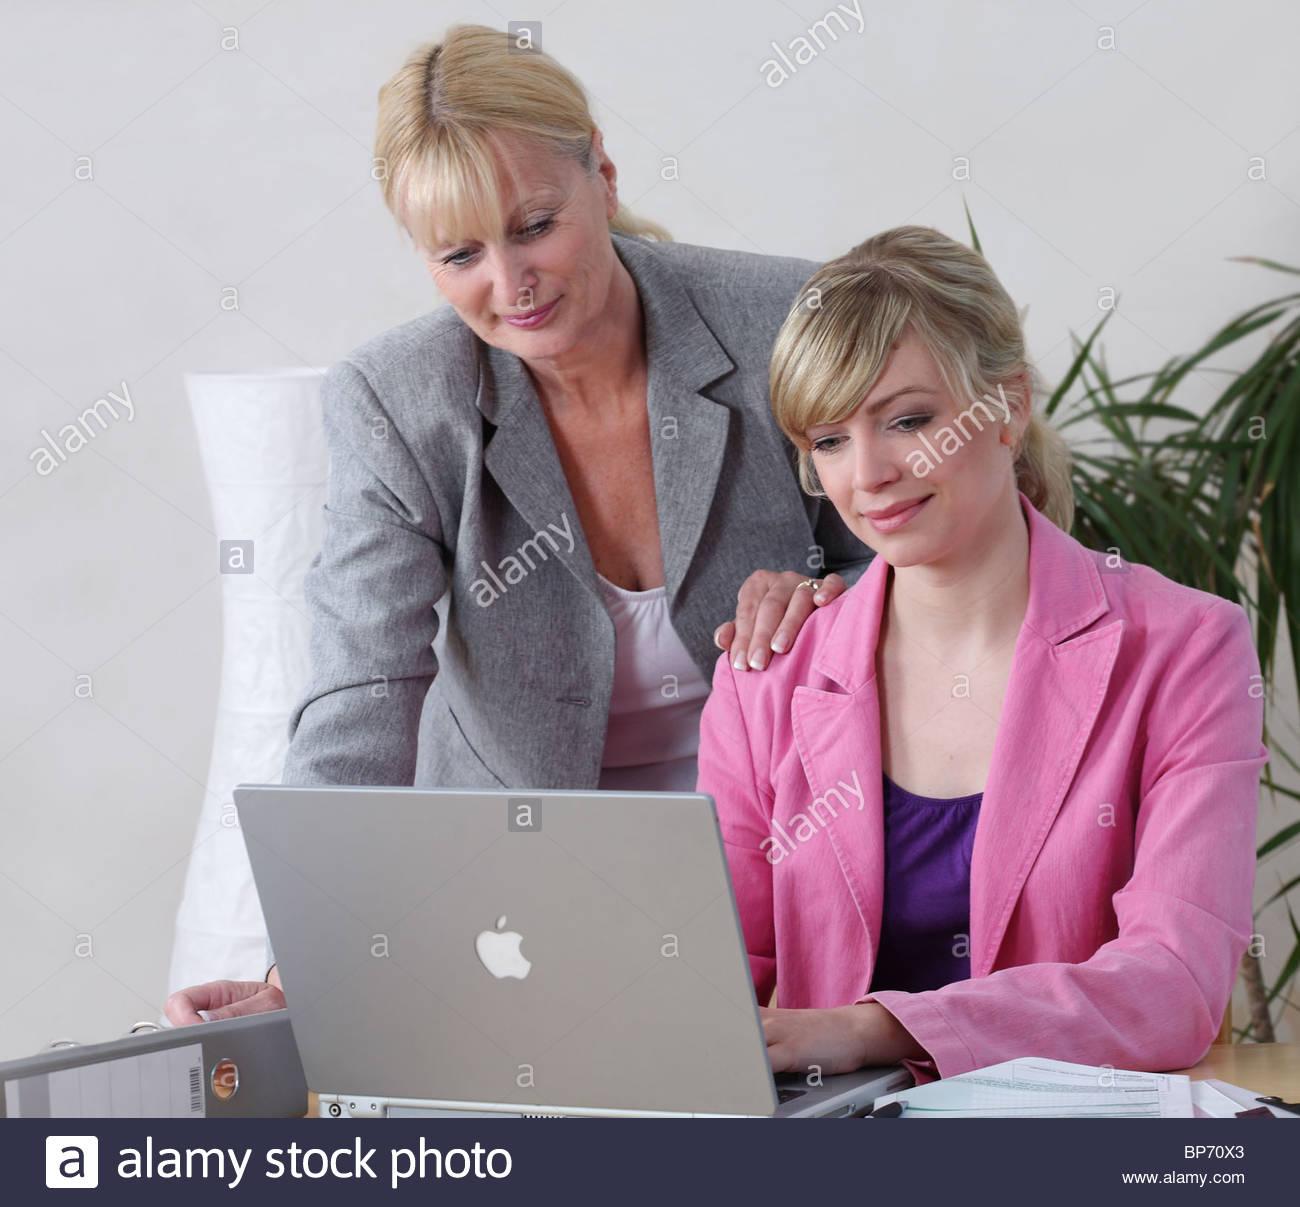 women sitting behind laptop Stock Photo